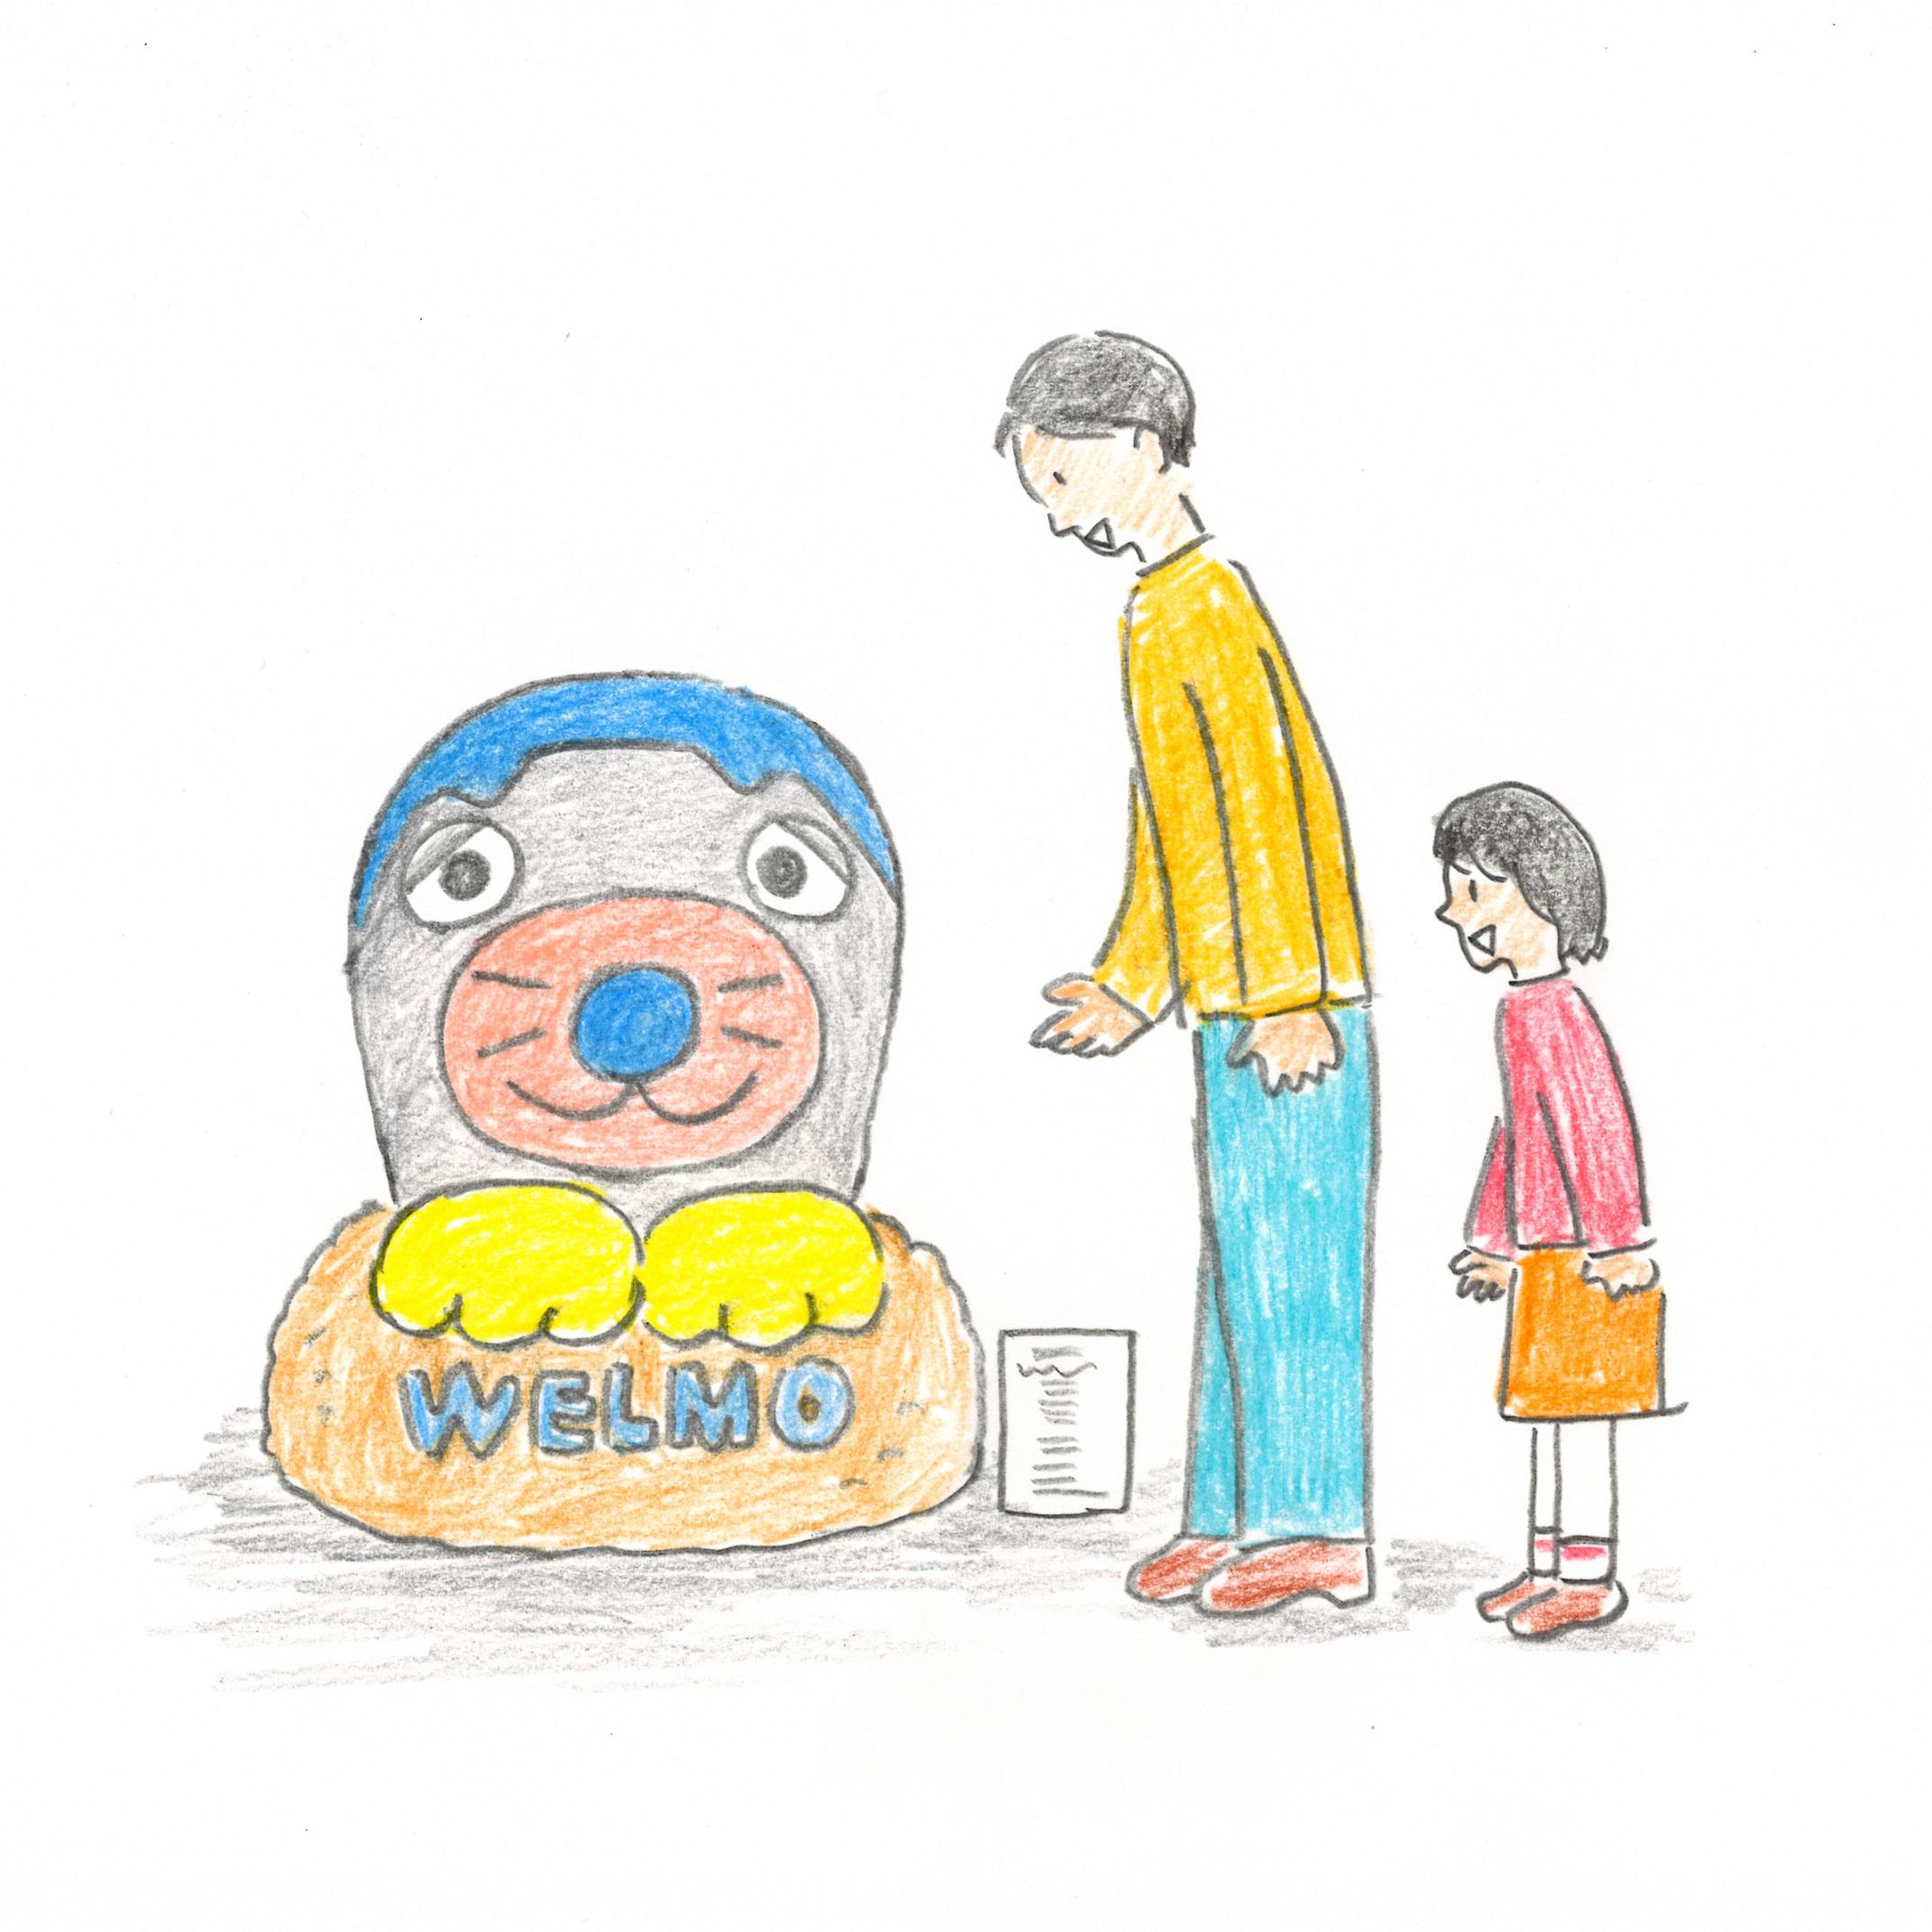 リサイズ ウェルモ立像 イメージ図